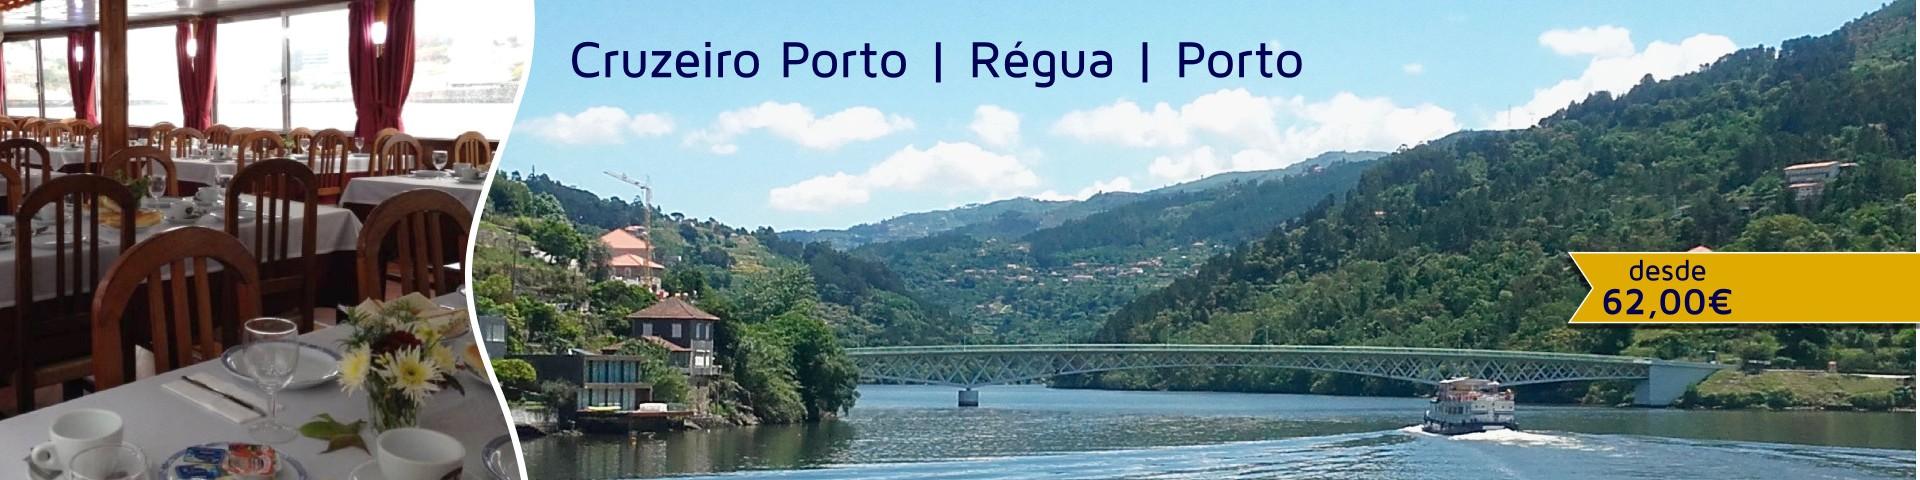 Cruzeiro Porto Régua Porto